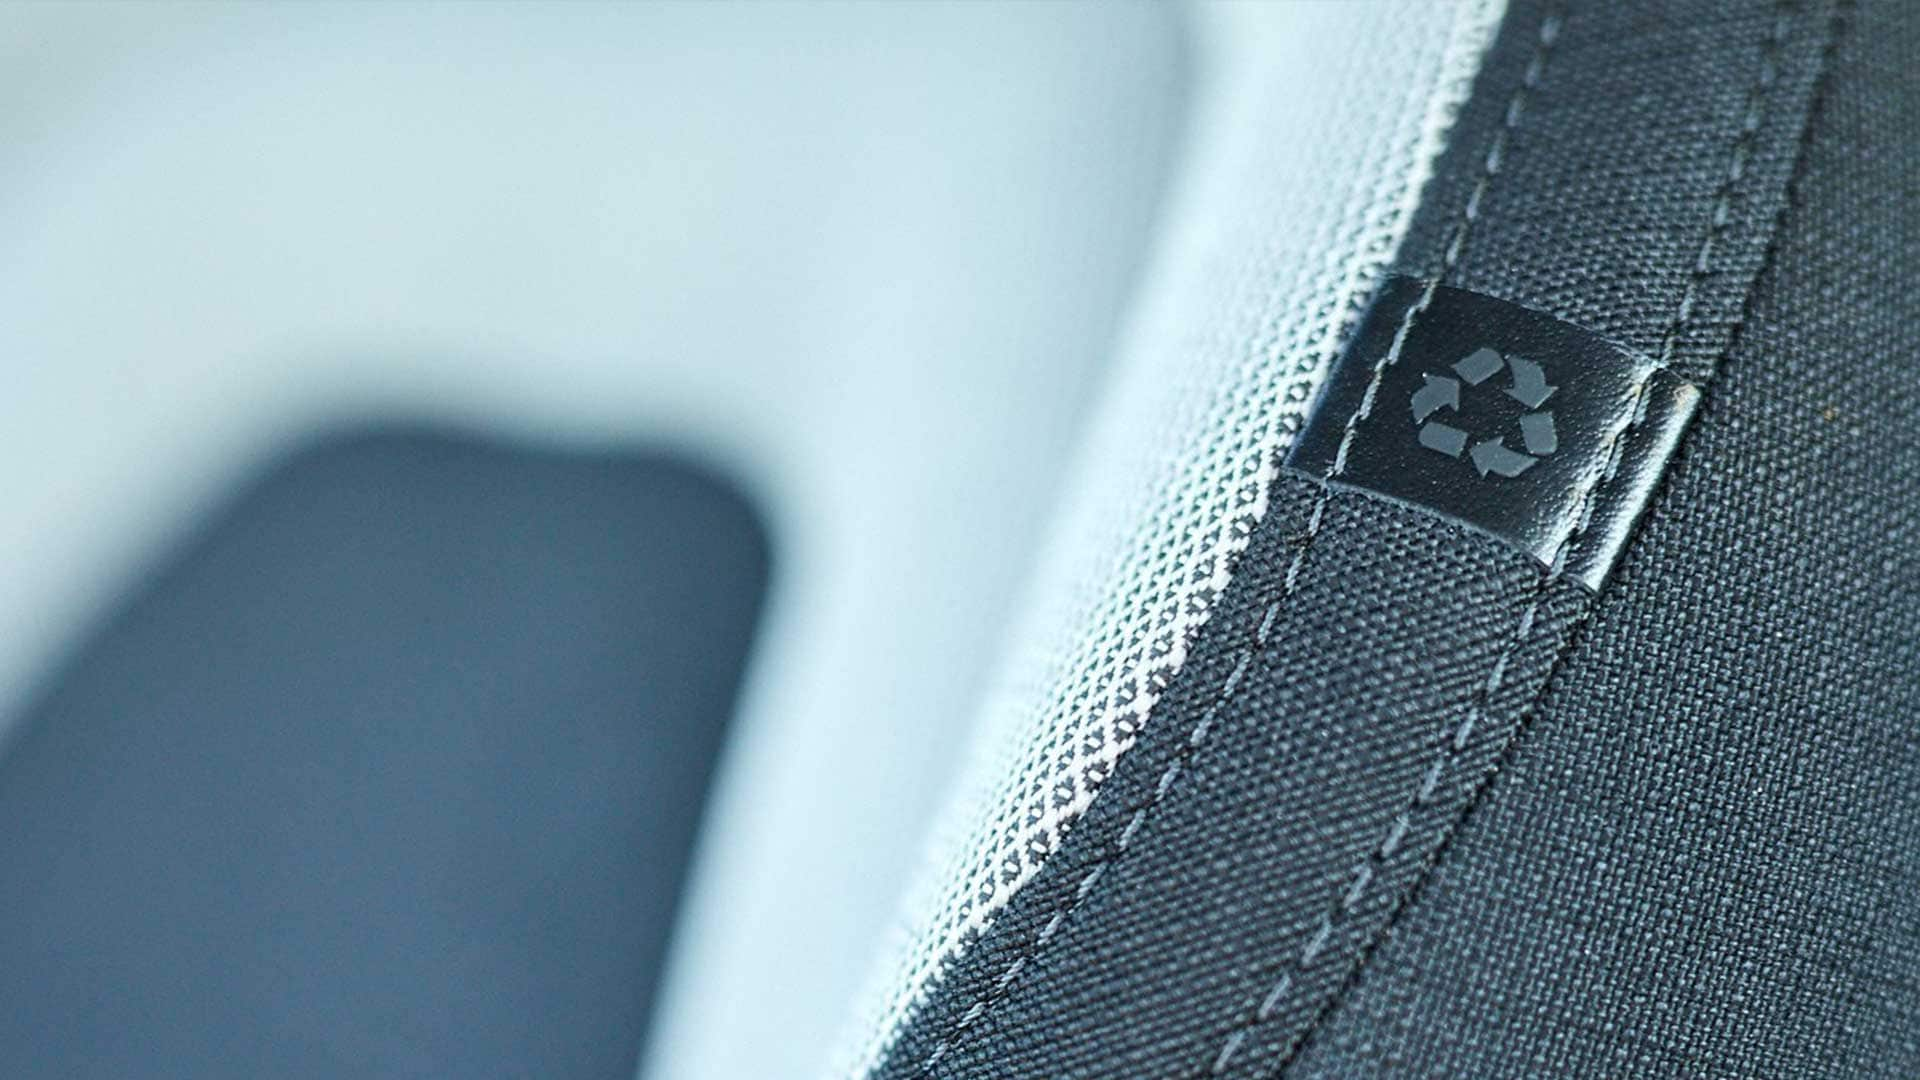 Close-up van een autozetel met het universele symbool voor recycling op de stof